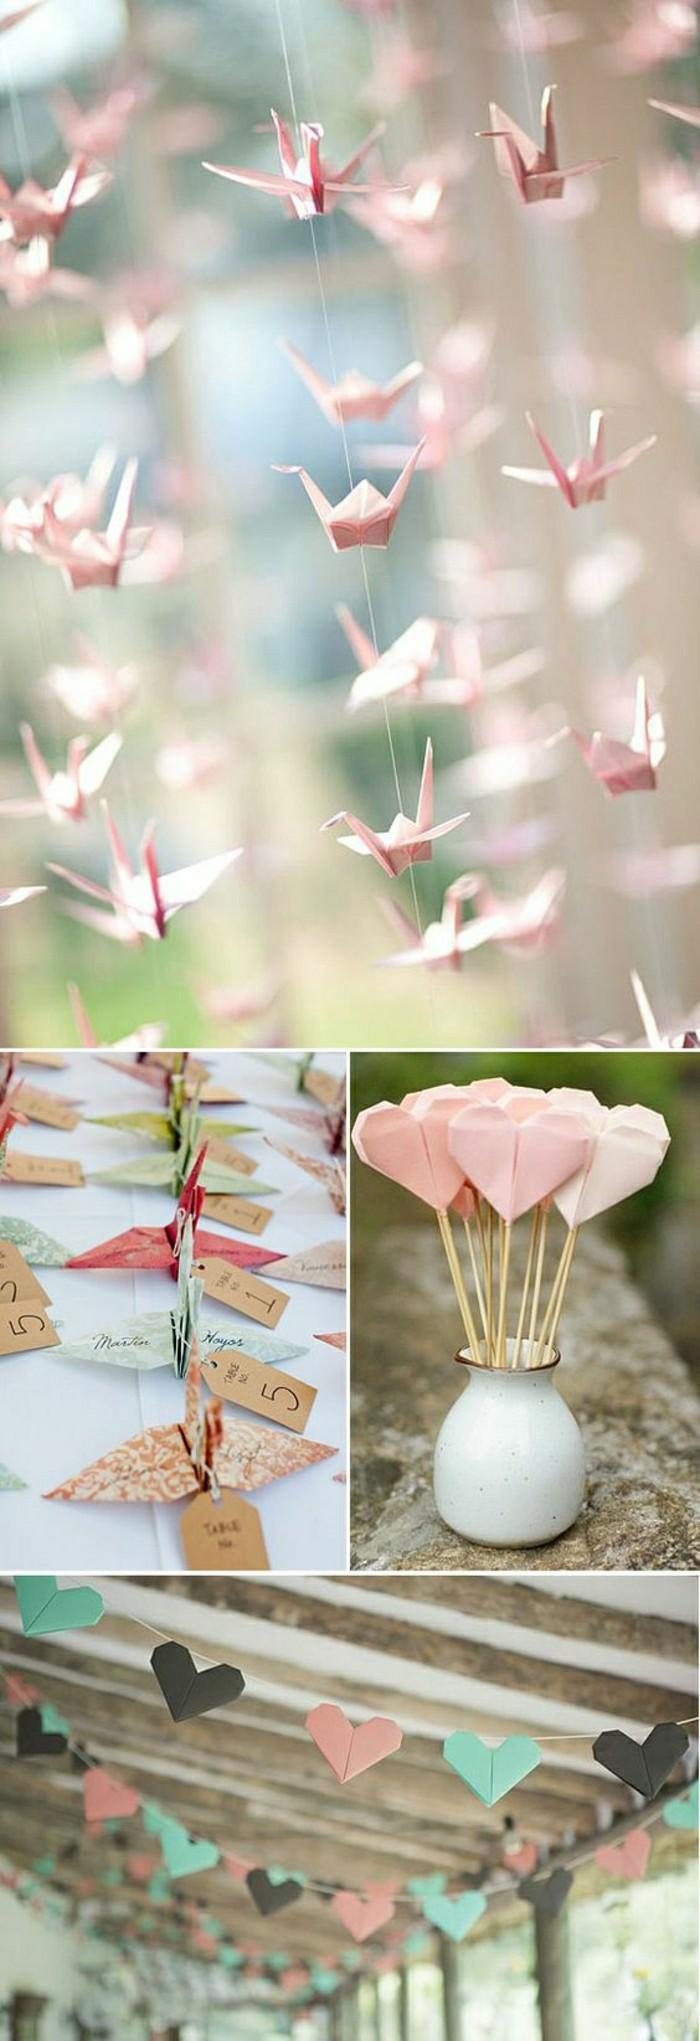 0-originale-decoration-mariage-en-papier-coloré-en-rose-comment-bien-decorer